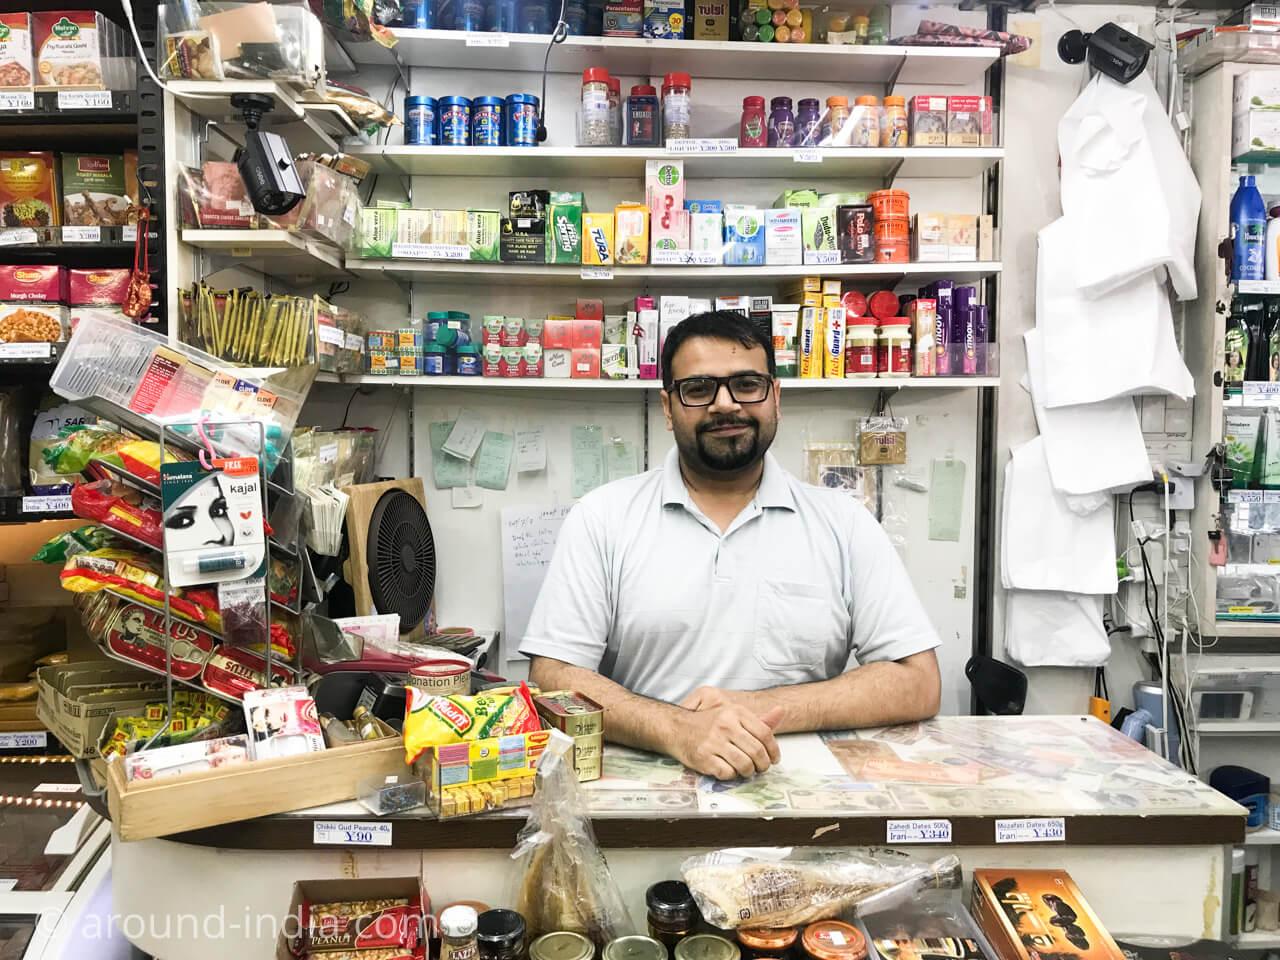 新大久保イスラム横丁 the Jannat halal food shop 店内